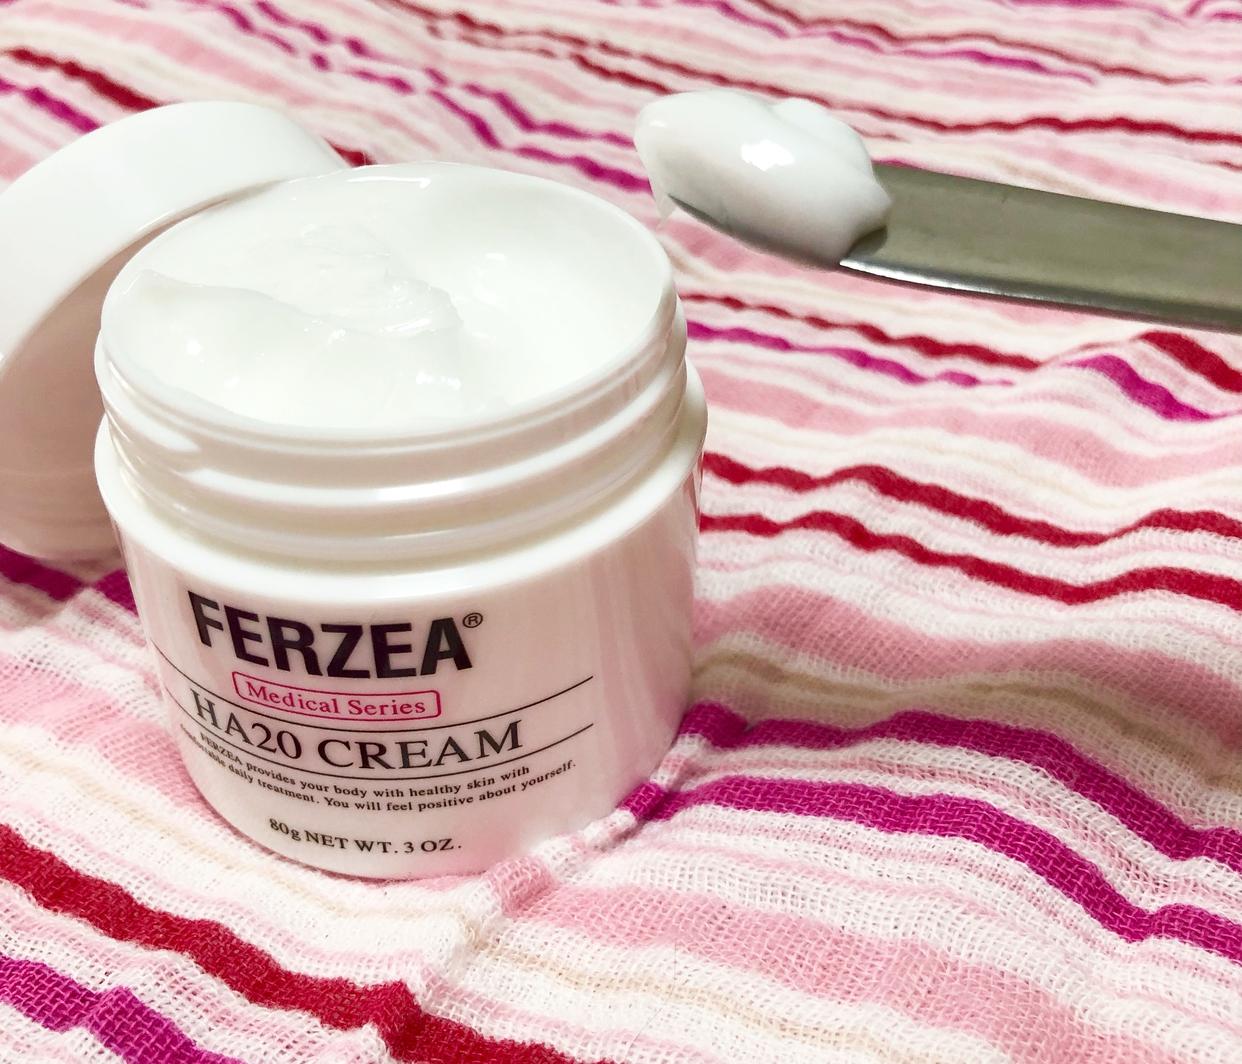 FERZEA(フェルゼア) HA20クリームを使ったきなこさんのクチコミ画像